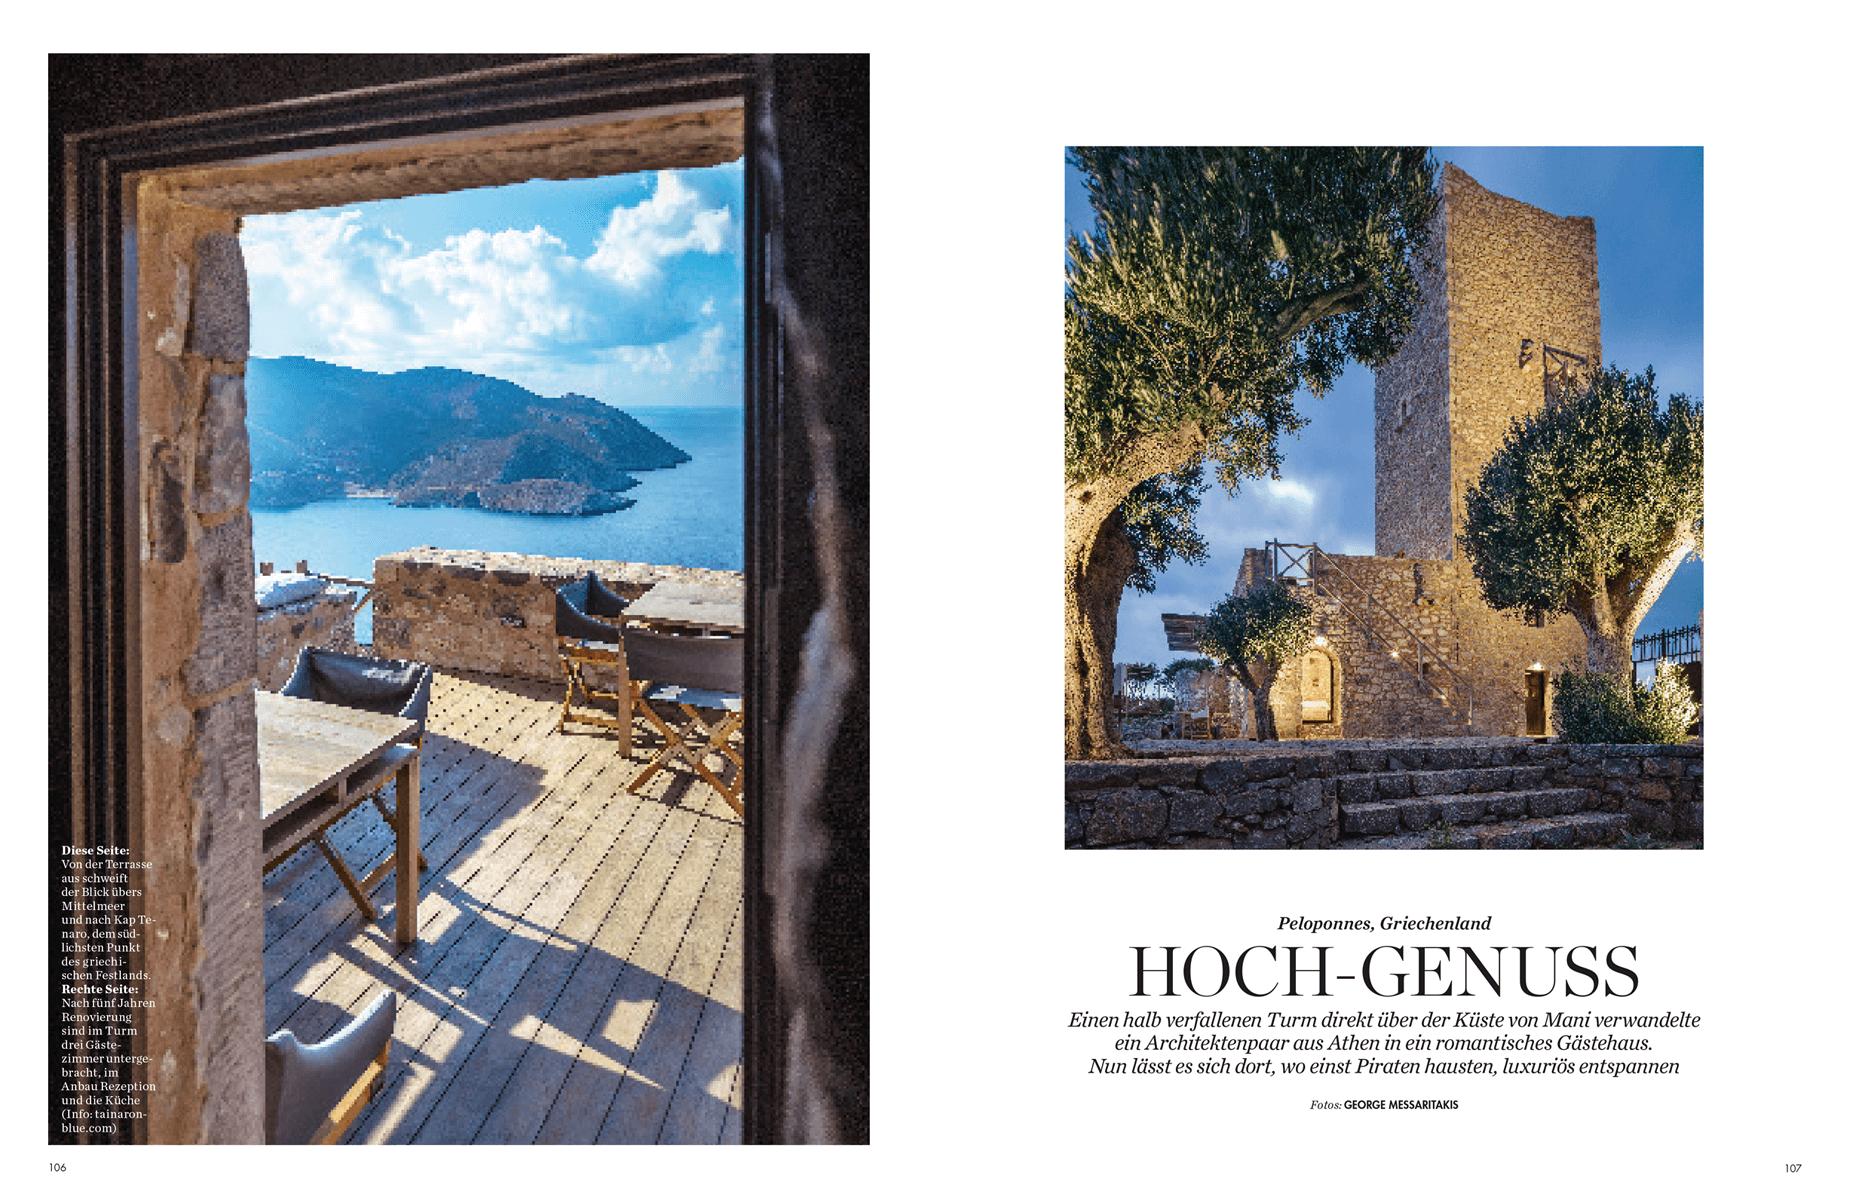 Architektur und Design, Tainaron Blue Retreat an der Küste von Mani, Pelepones, Griechenland, Architekten Kassiani und Kostas Zouvelos